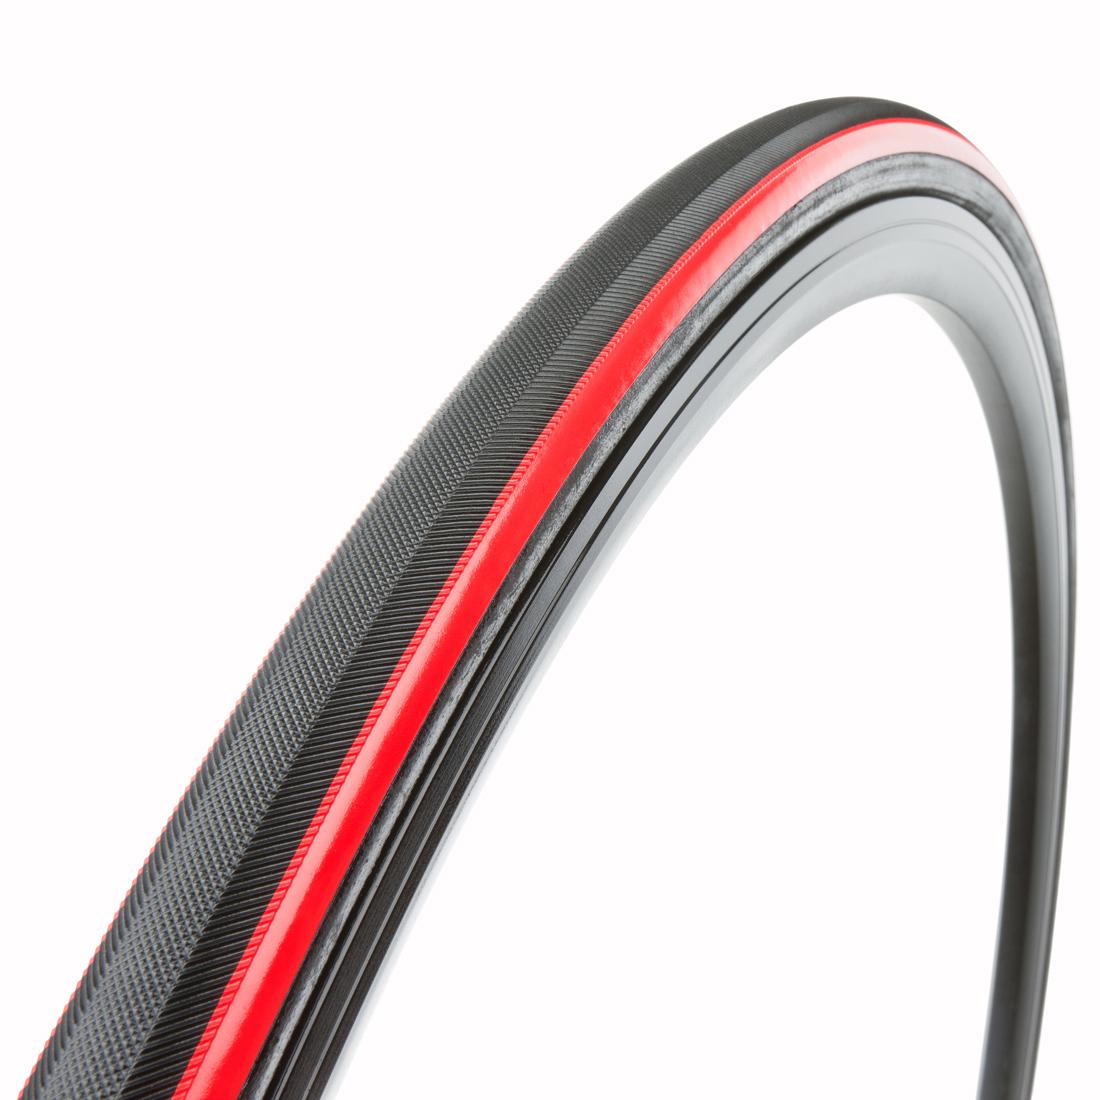 TUBO di gomma, rosso VITTORIA Corsa Corsa Corsa EVO CX 320TPI 6cb